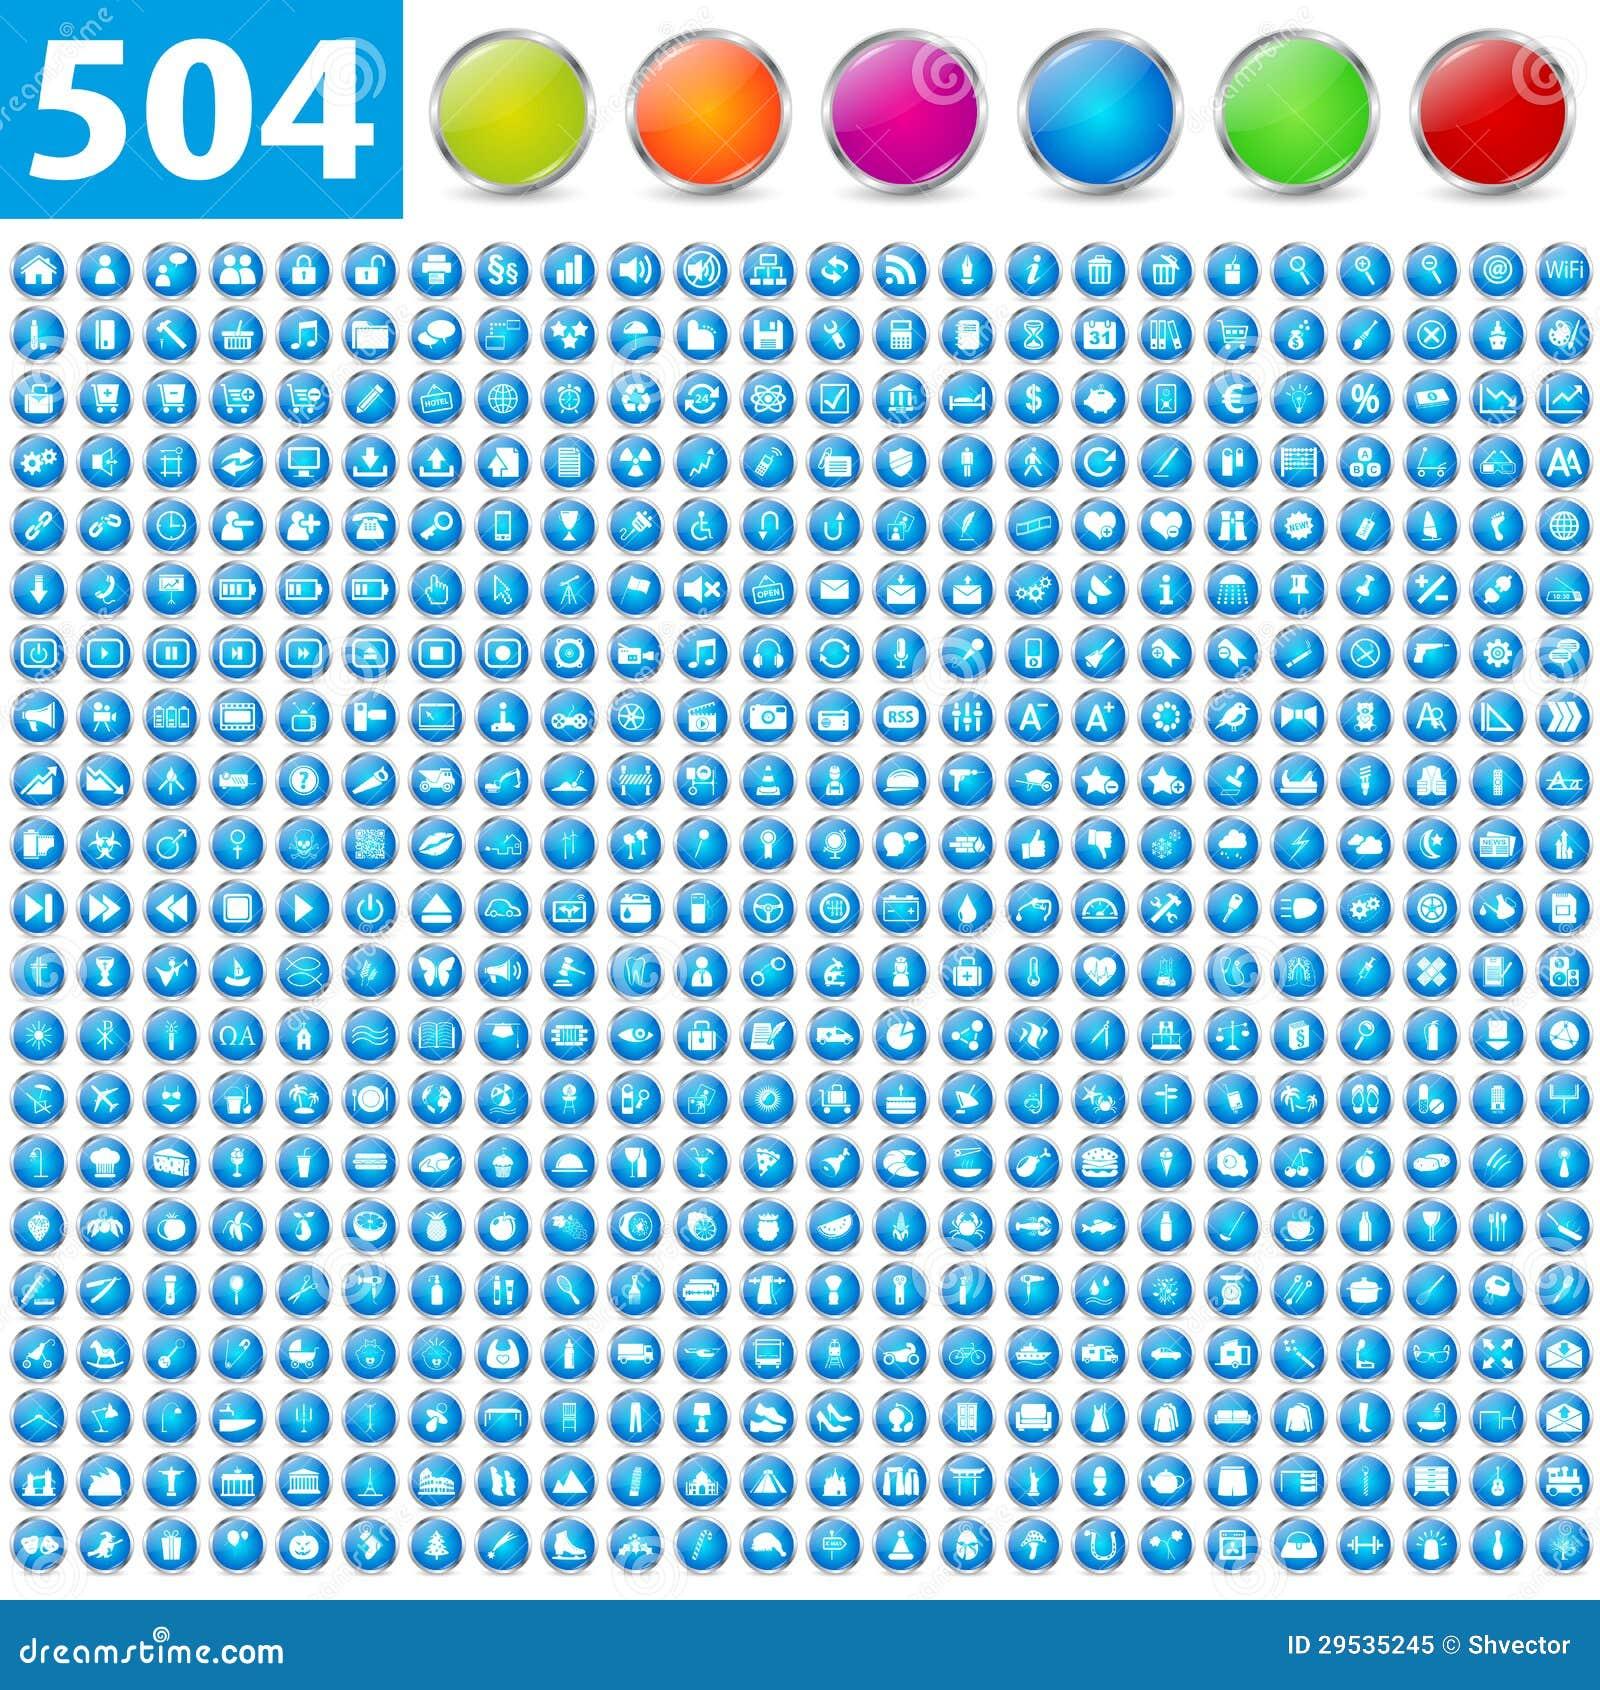 504 iconos brillantes